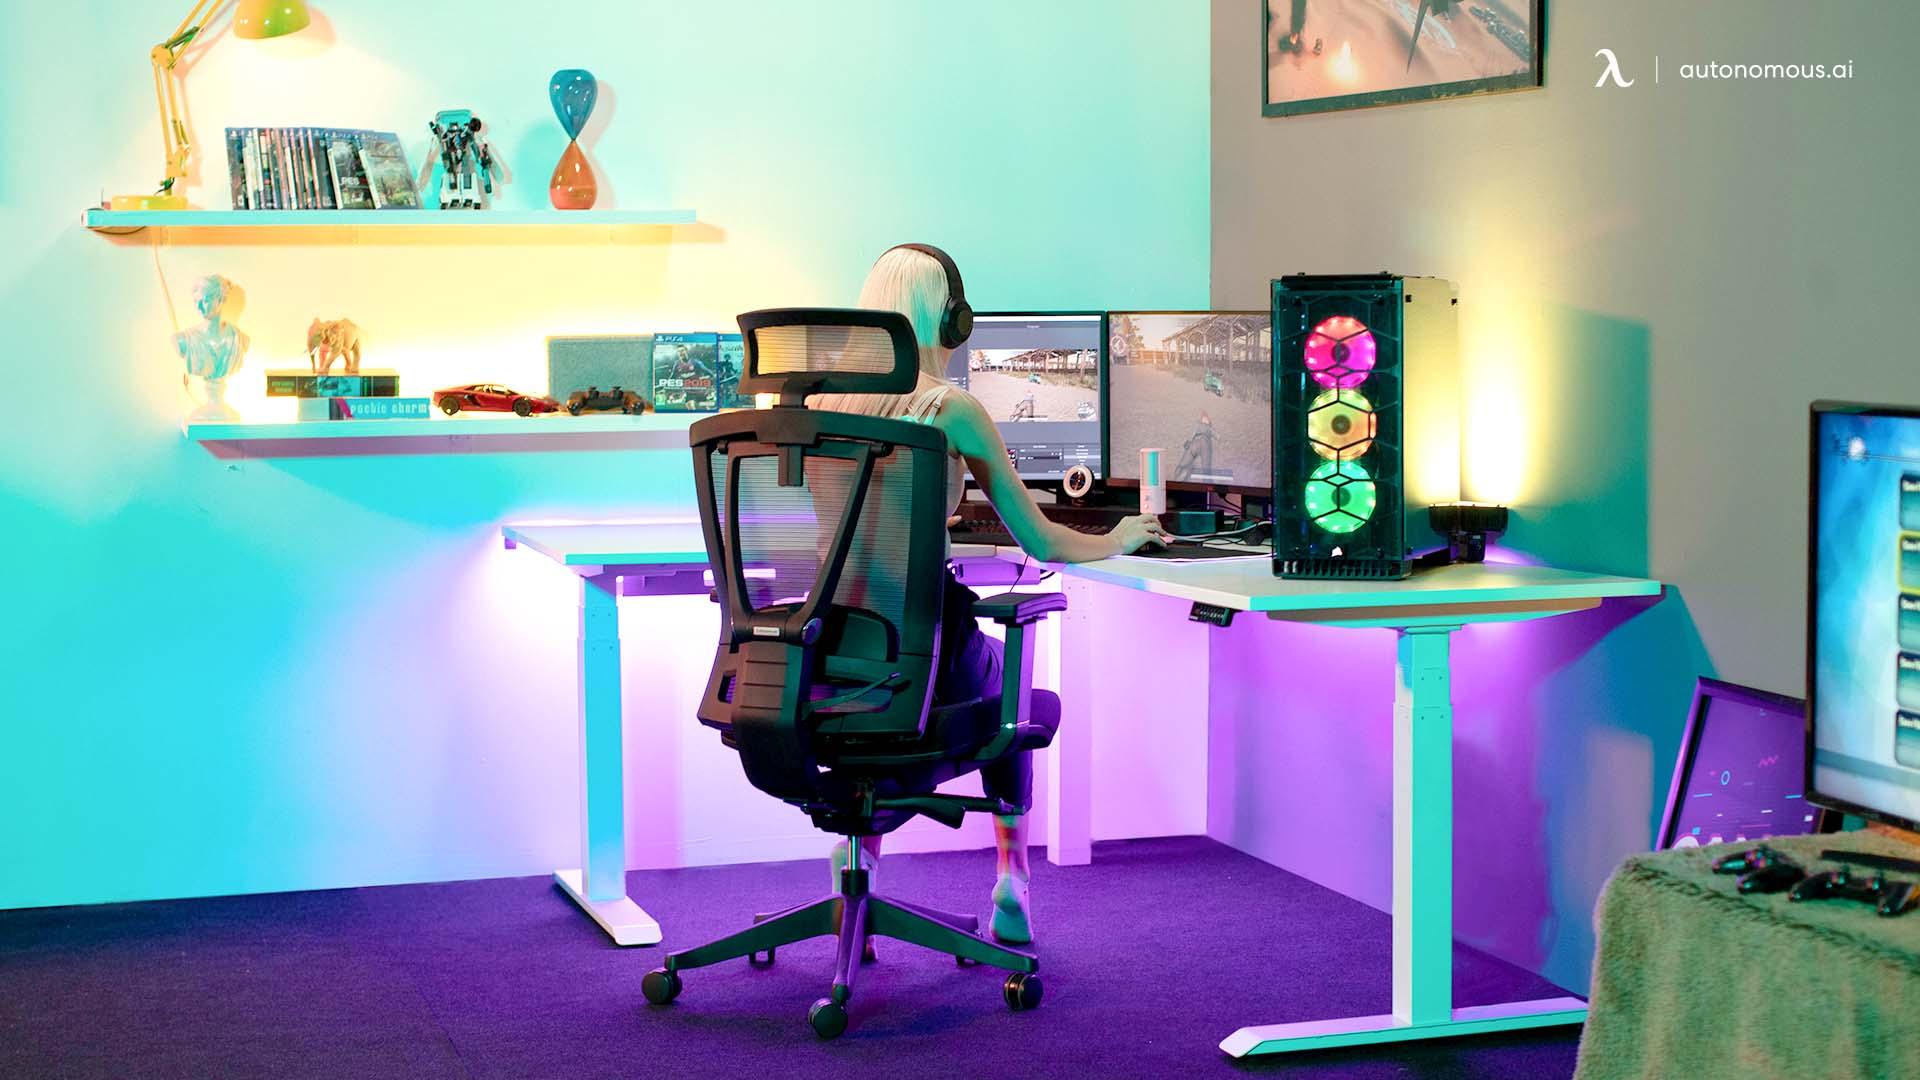 autonomous l-shaped gaming desk